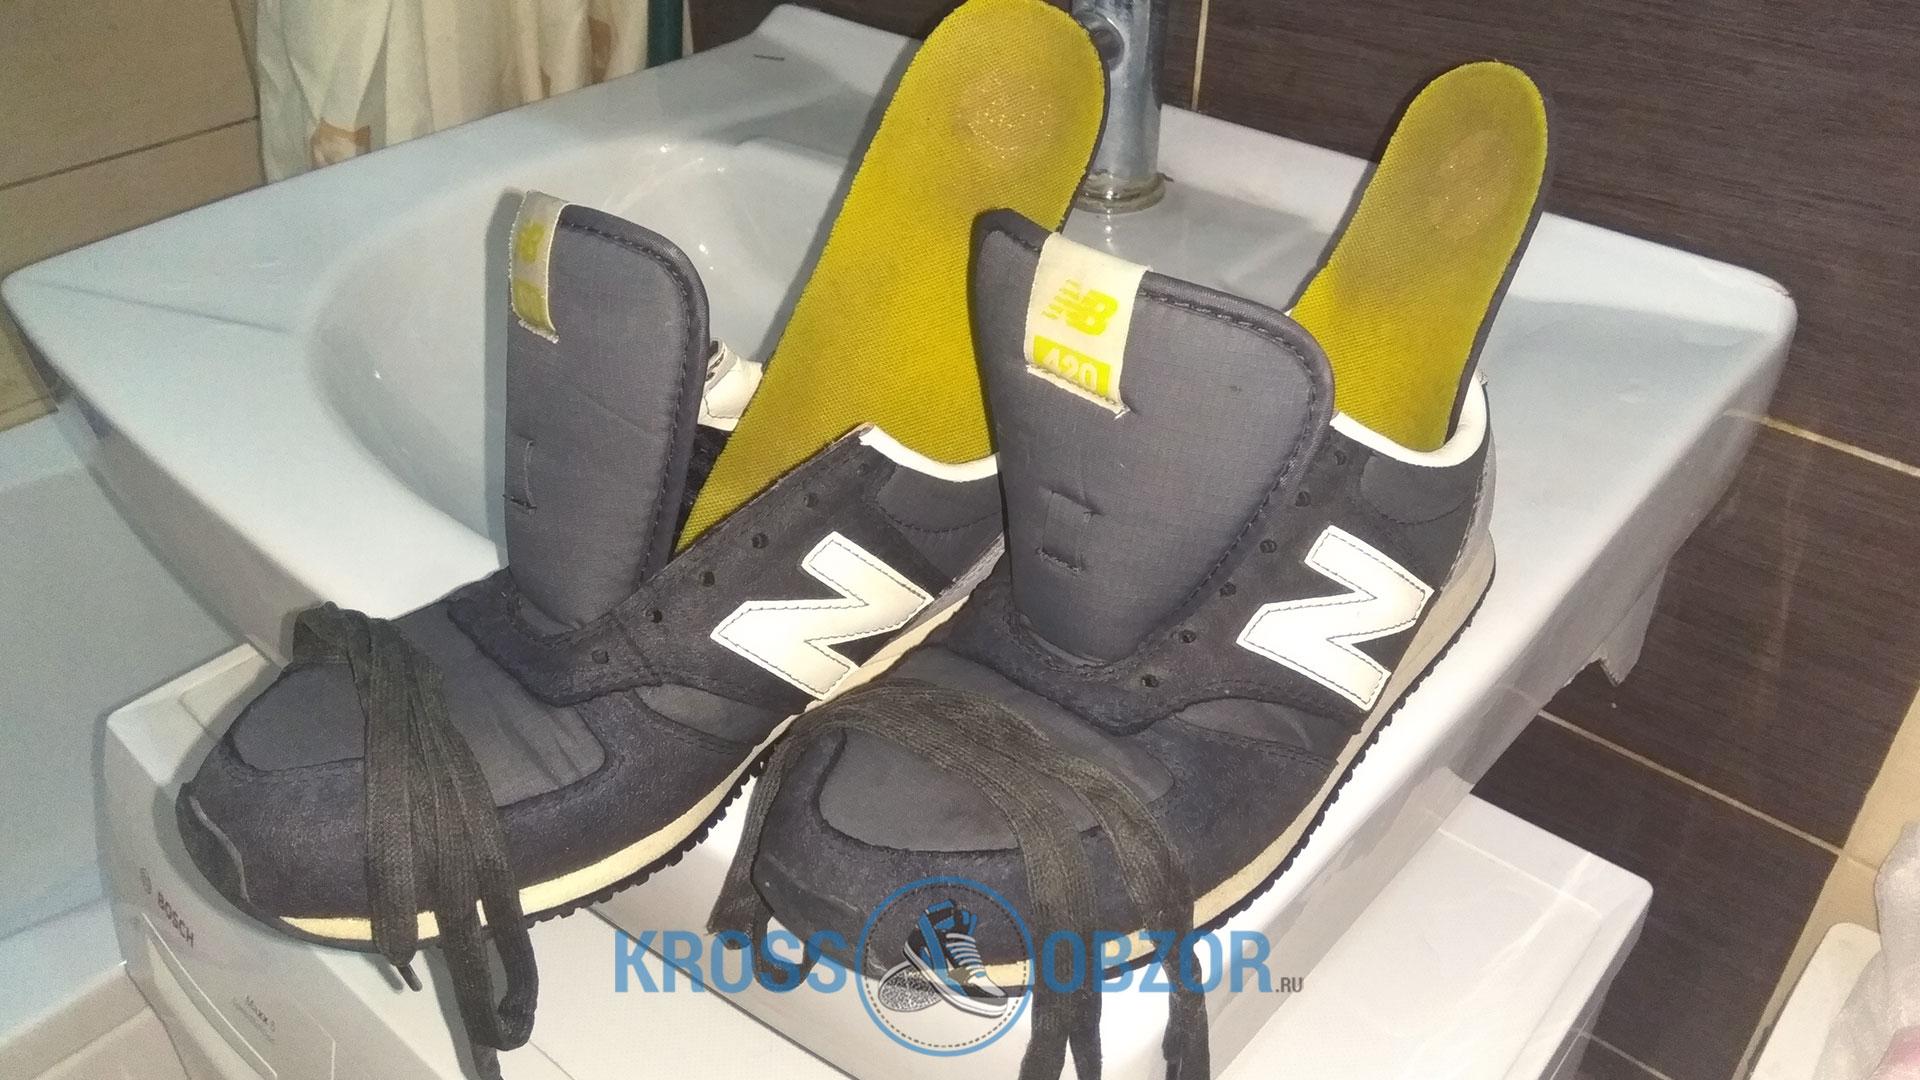 Достаем стельки и высовываем шнурки из кроссовок